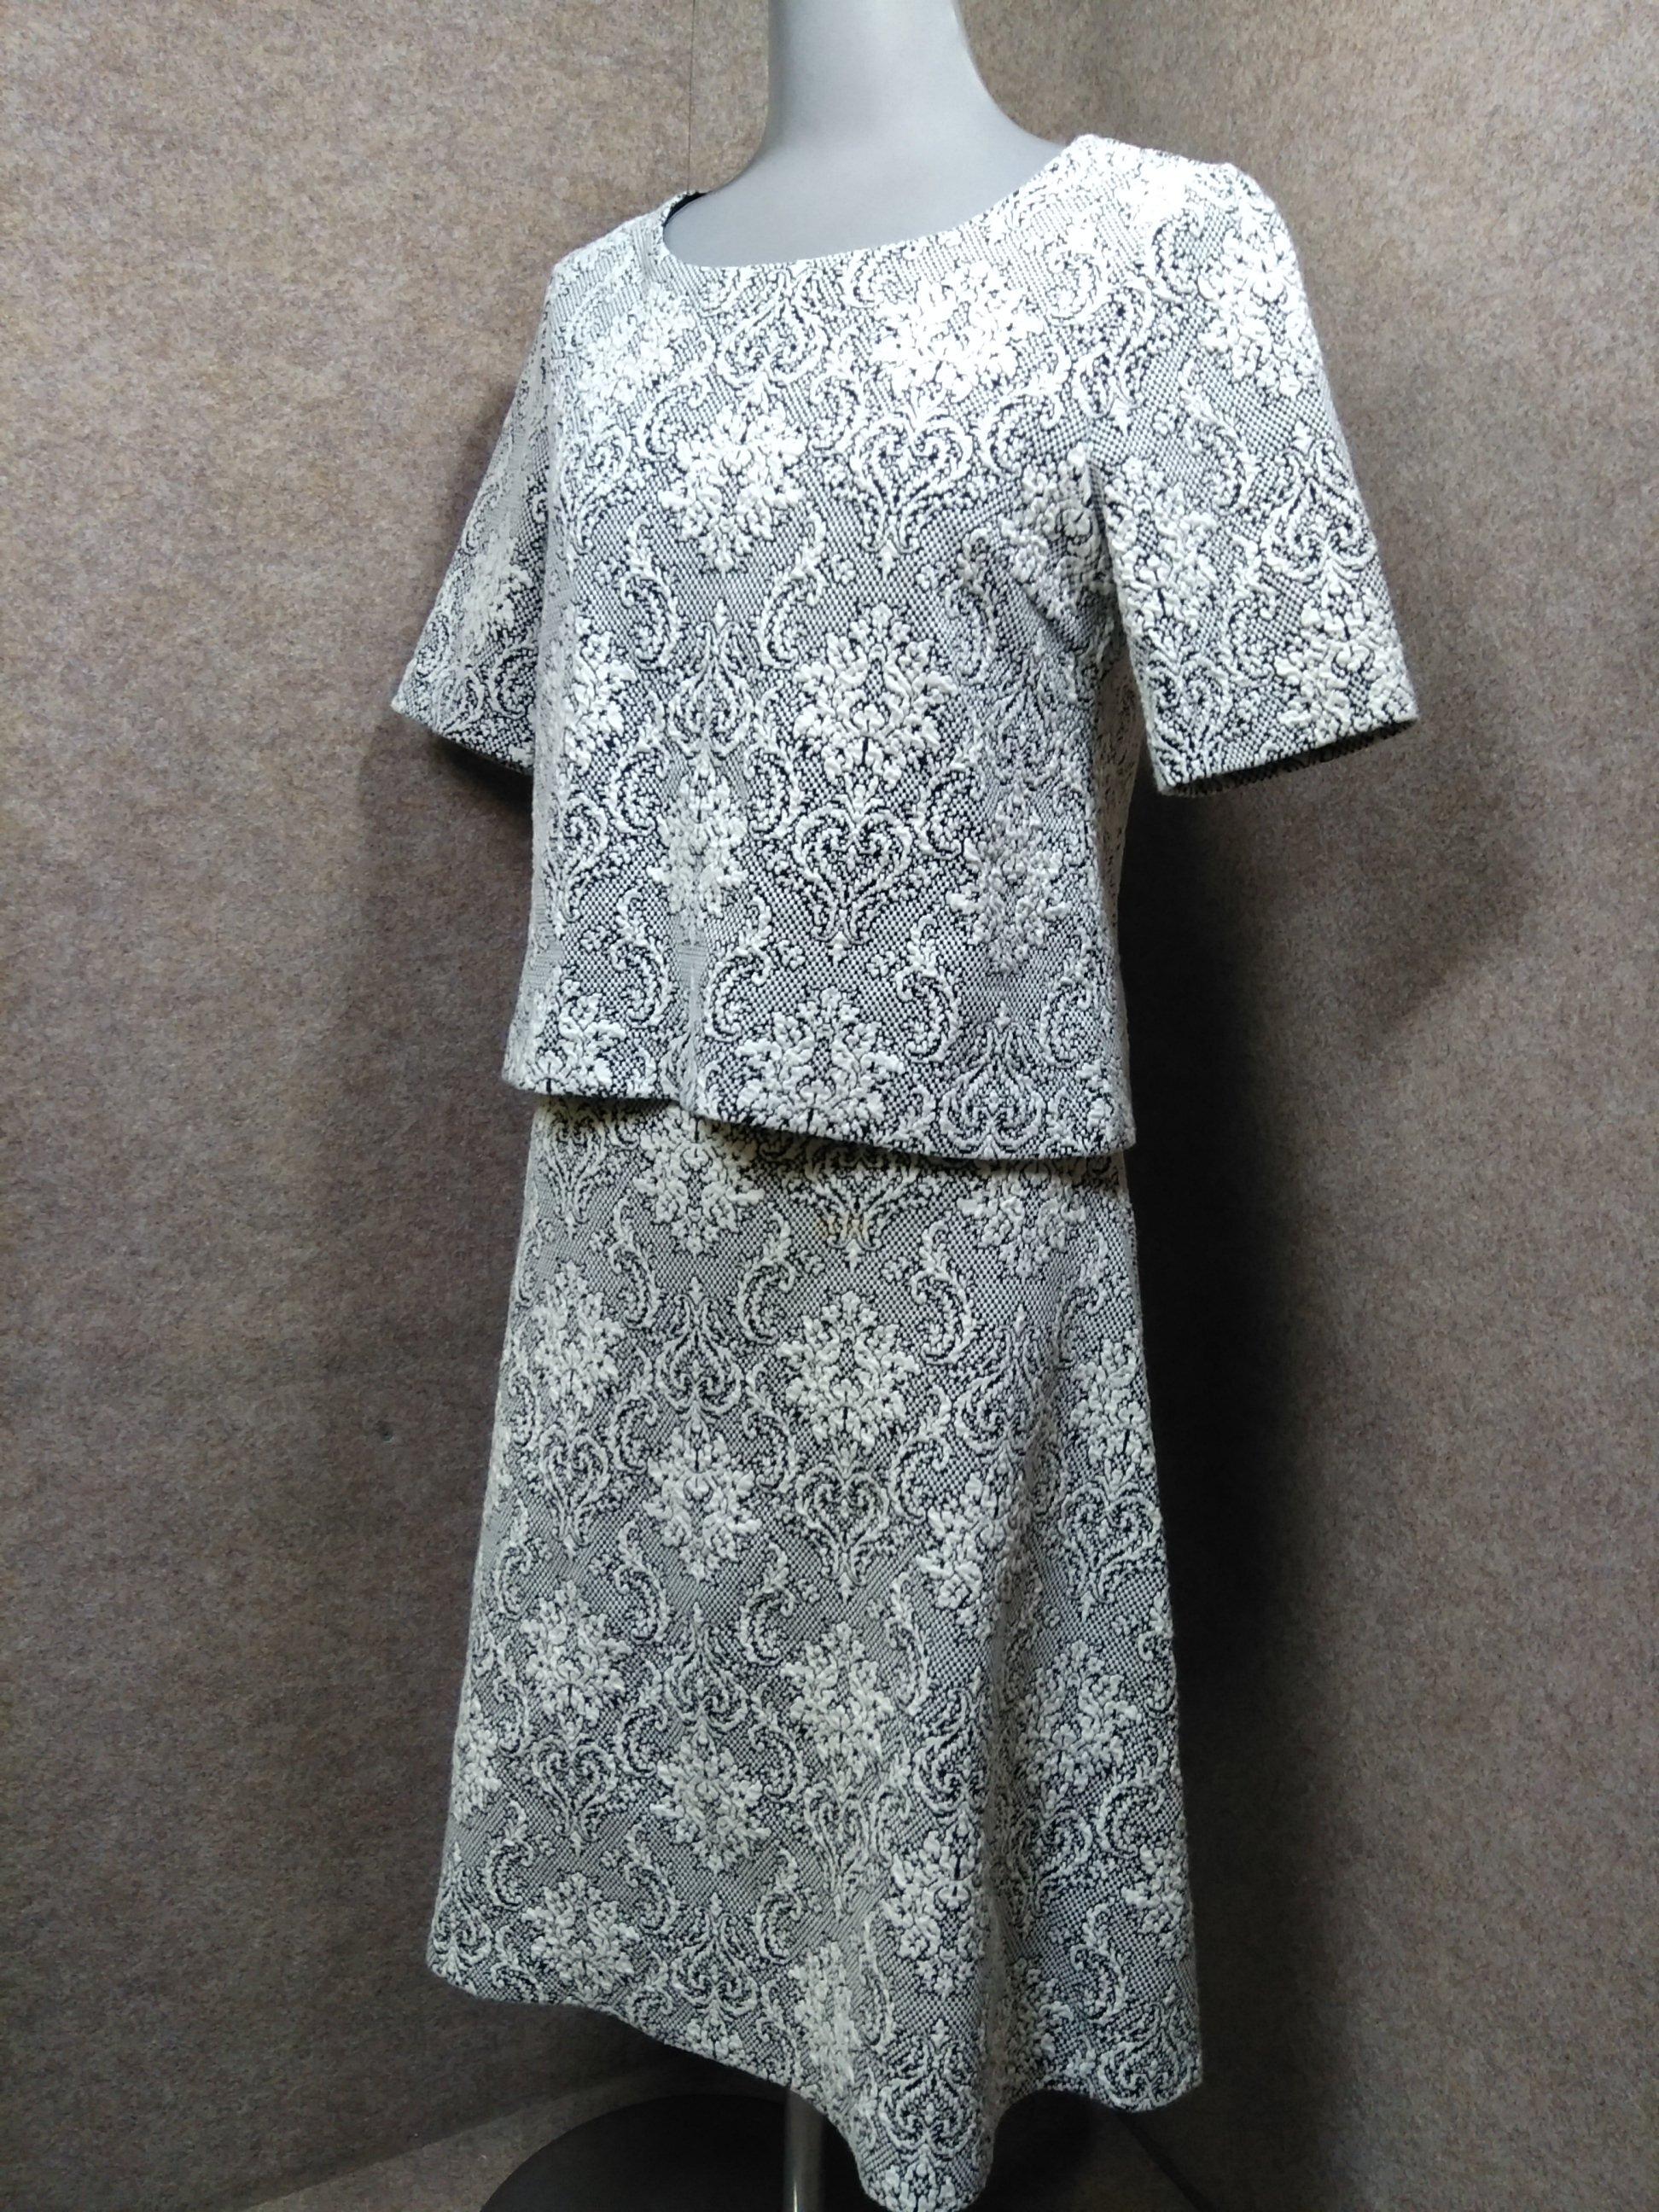 アナイ ANAYI セットアップ 38 カットソー スカート u1363j